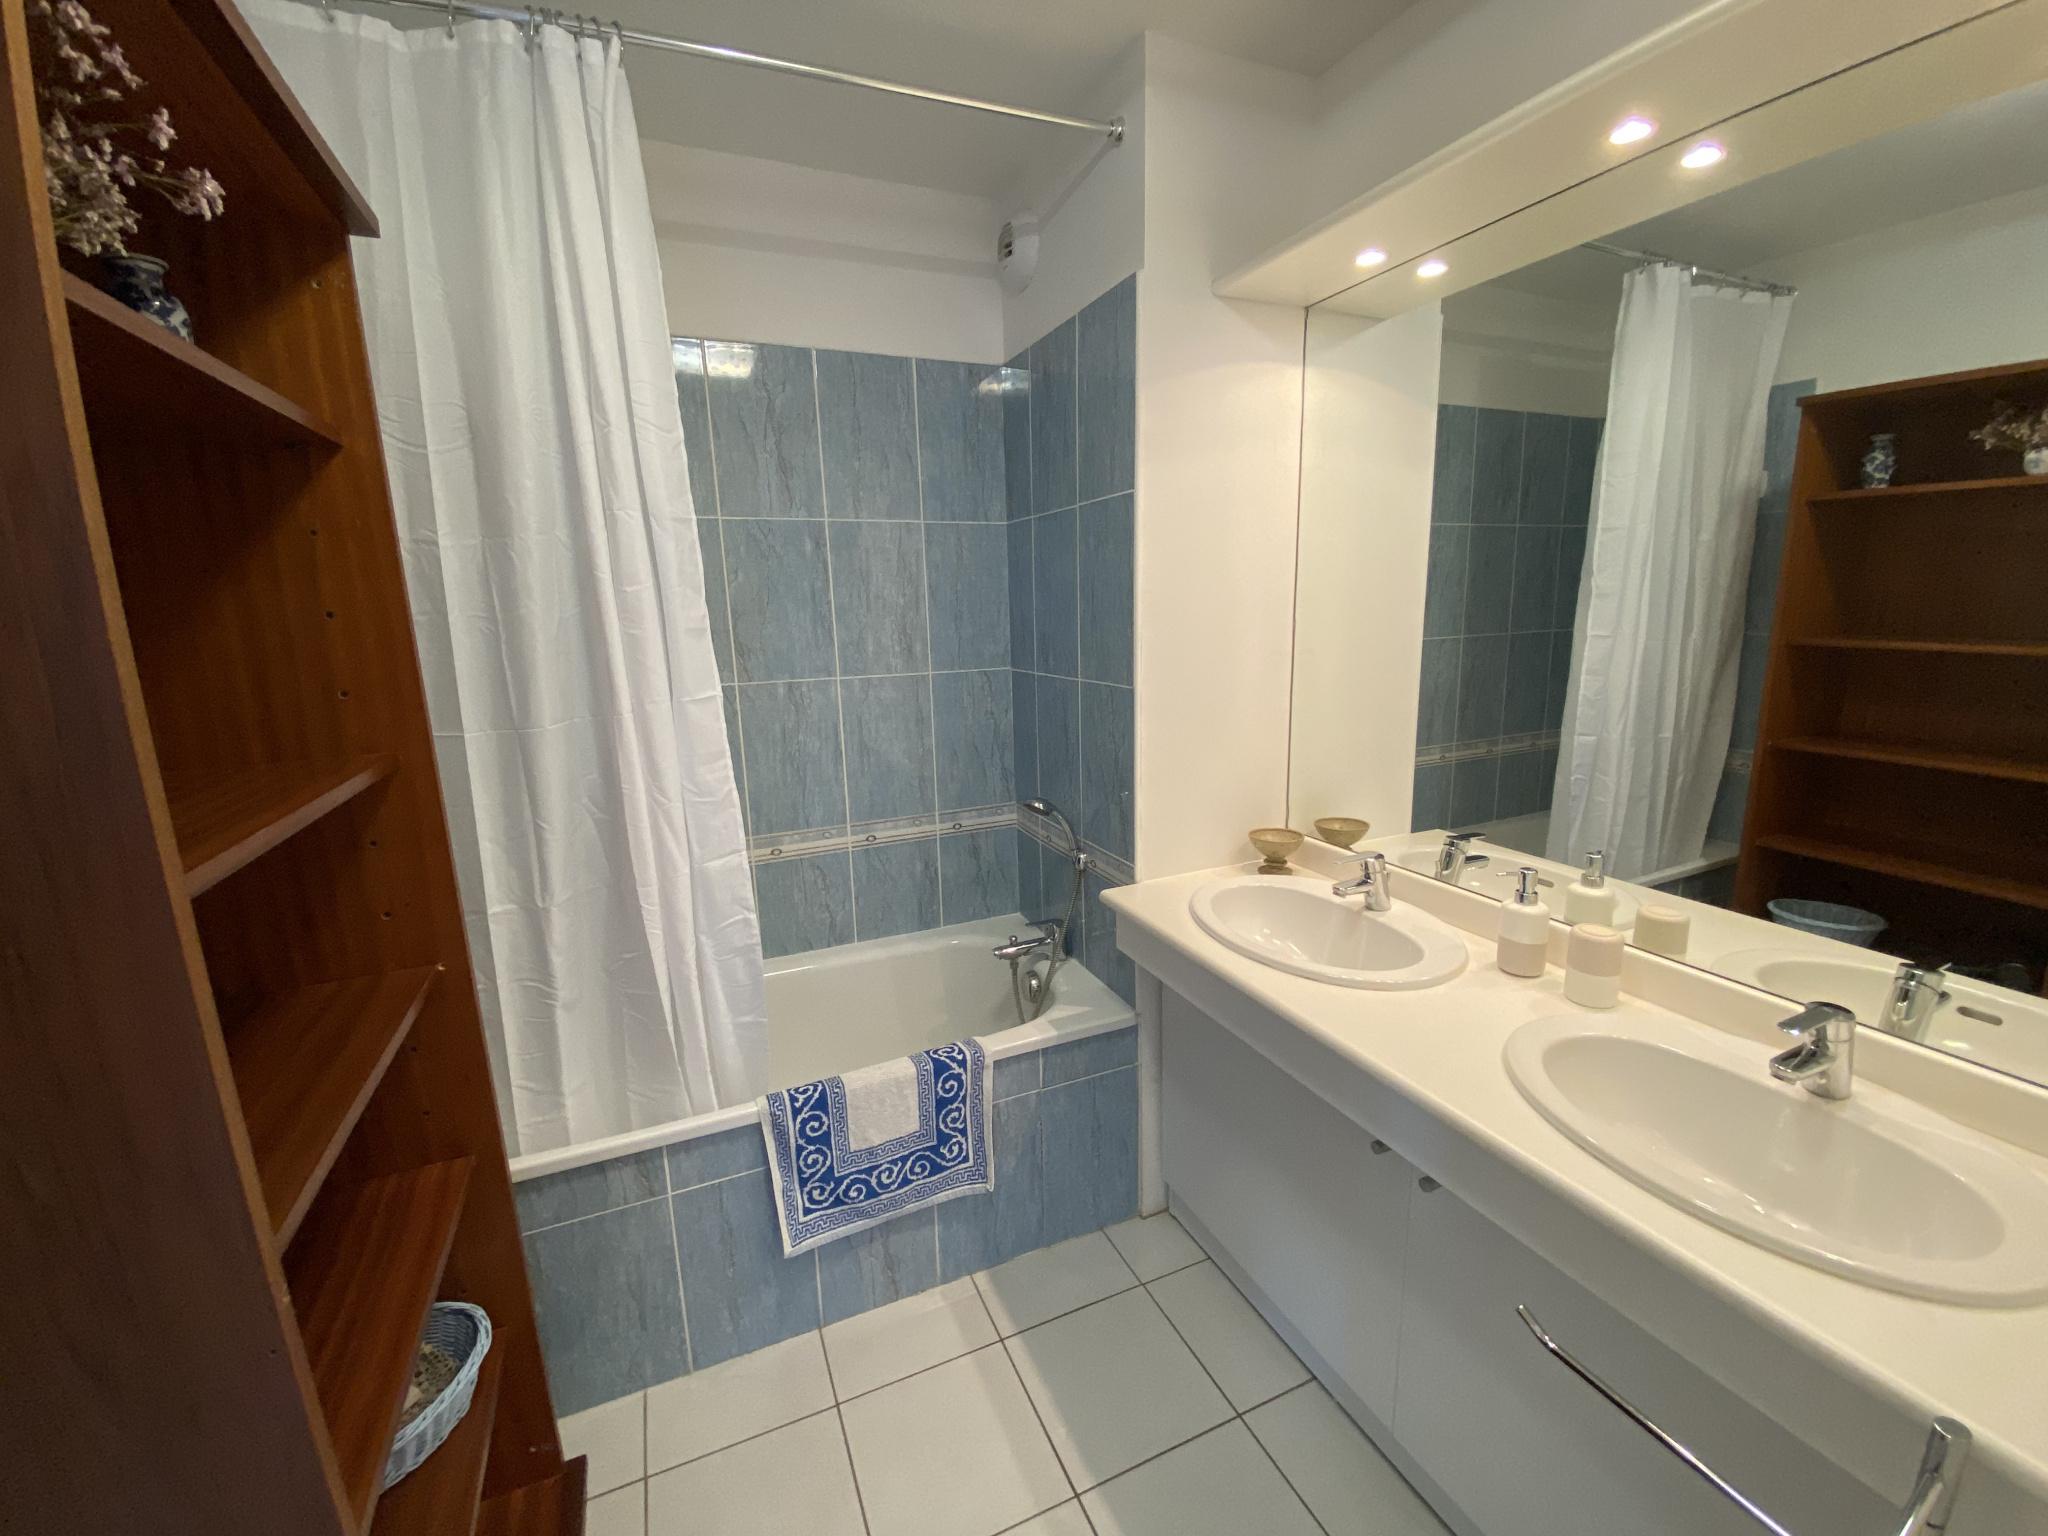 À vendre appartement de 80m2 à argeles sur mer (66700) - Photo 3'